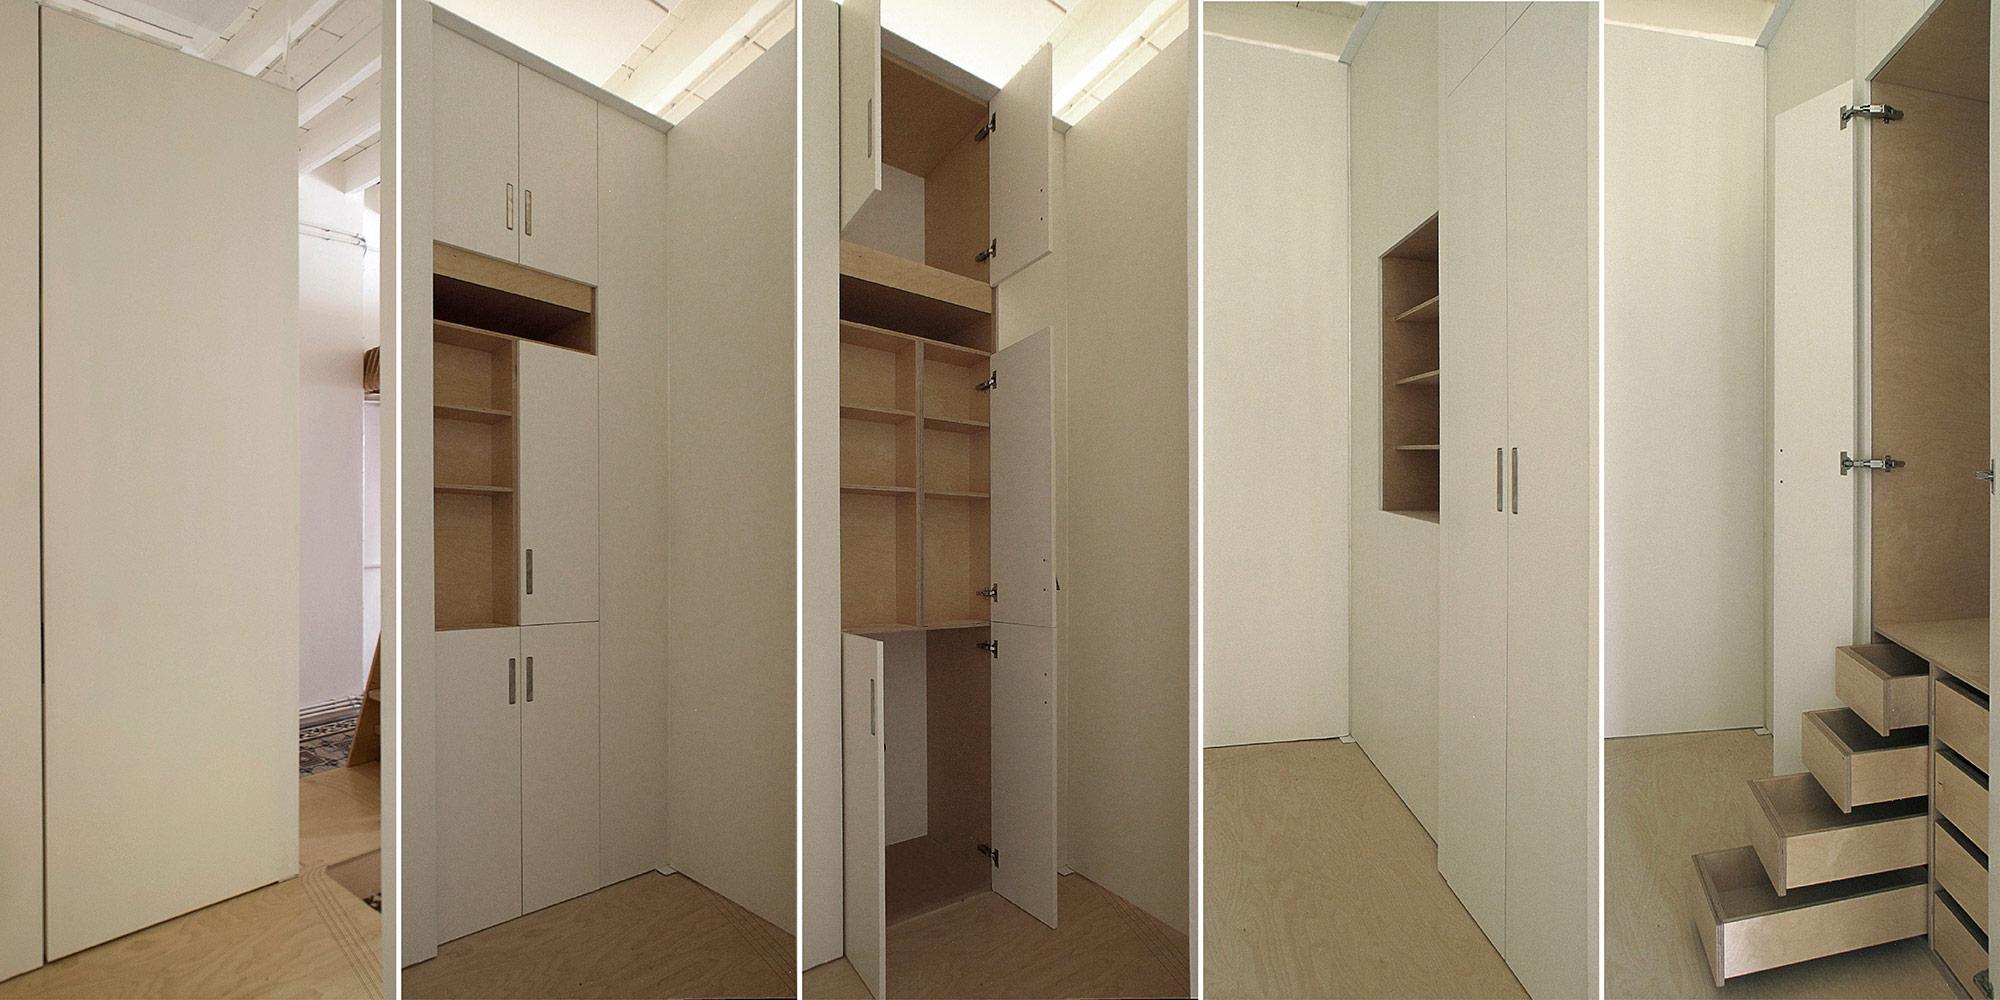 Vista dei vani del modulo multifunzione che si alternano sui due lati per servire indipendentemente le due camere da letto.